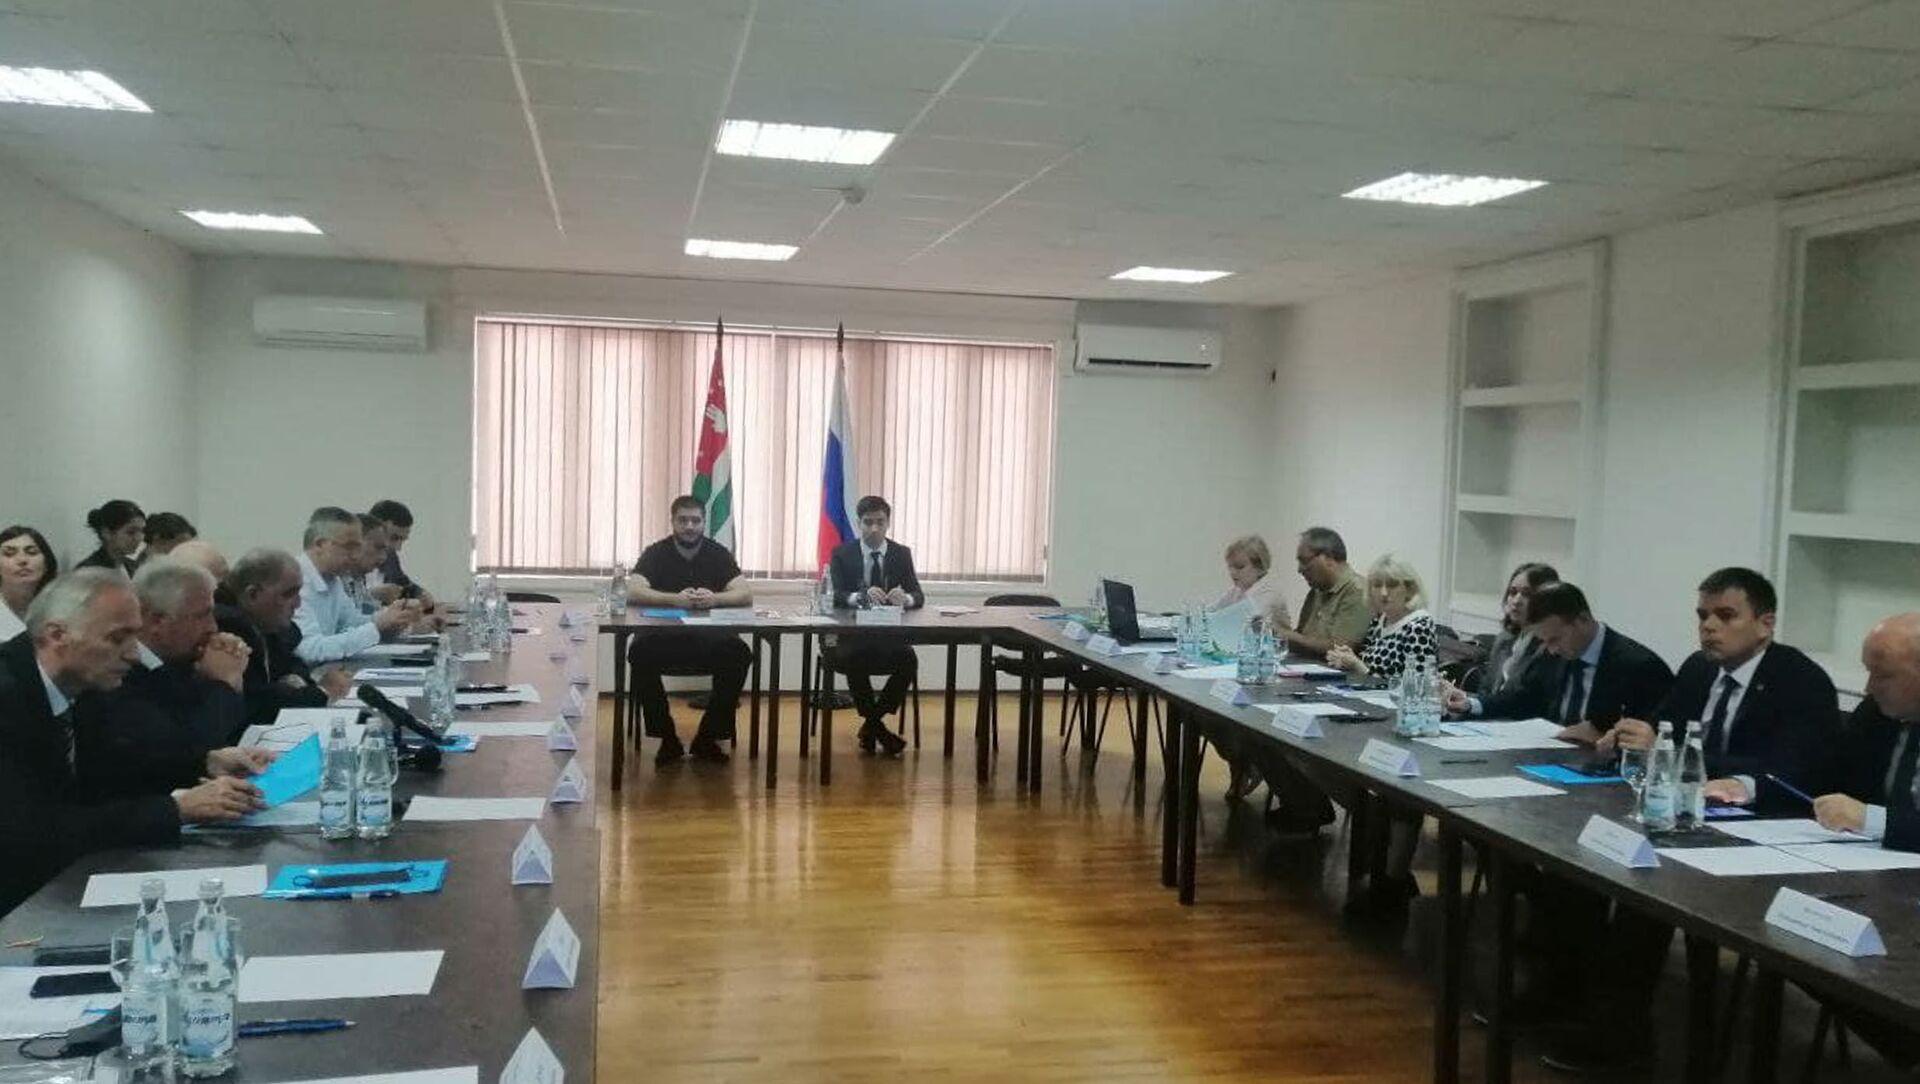 Седьмая сессия Абхазо-Российской комиссии по рыбному хозяйству - Sputnik Абхазия, 1920, 16.09.2021